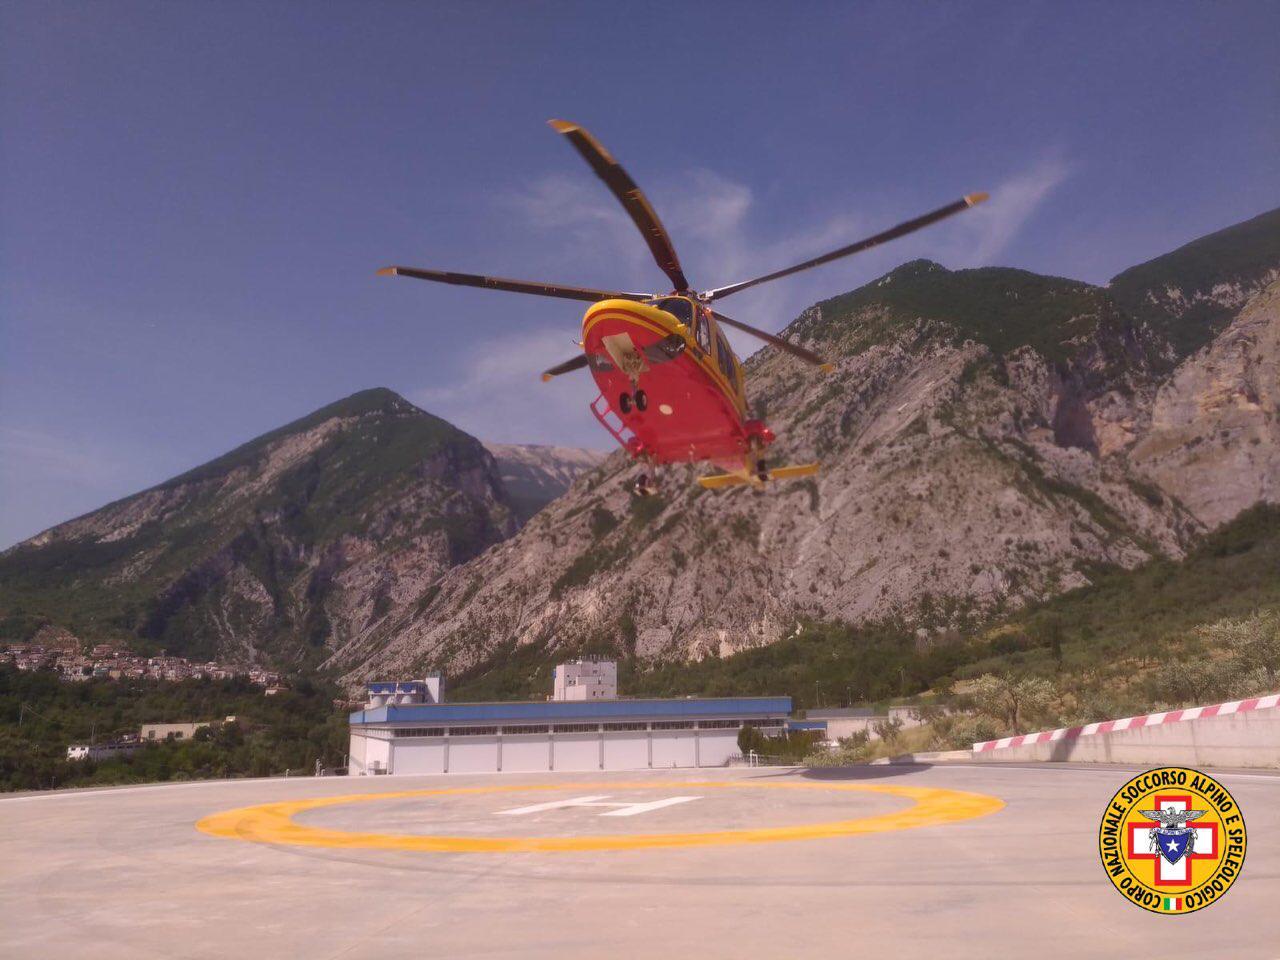 Numerosi interventi ieri per il Soccorso Alpino Abruzzese e per le eliambulanze del 118 dell'Aquila e Pescara